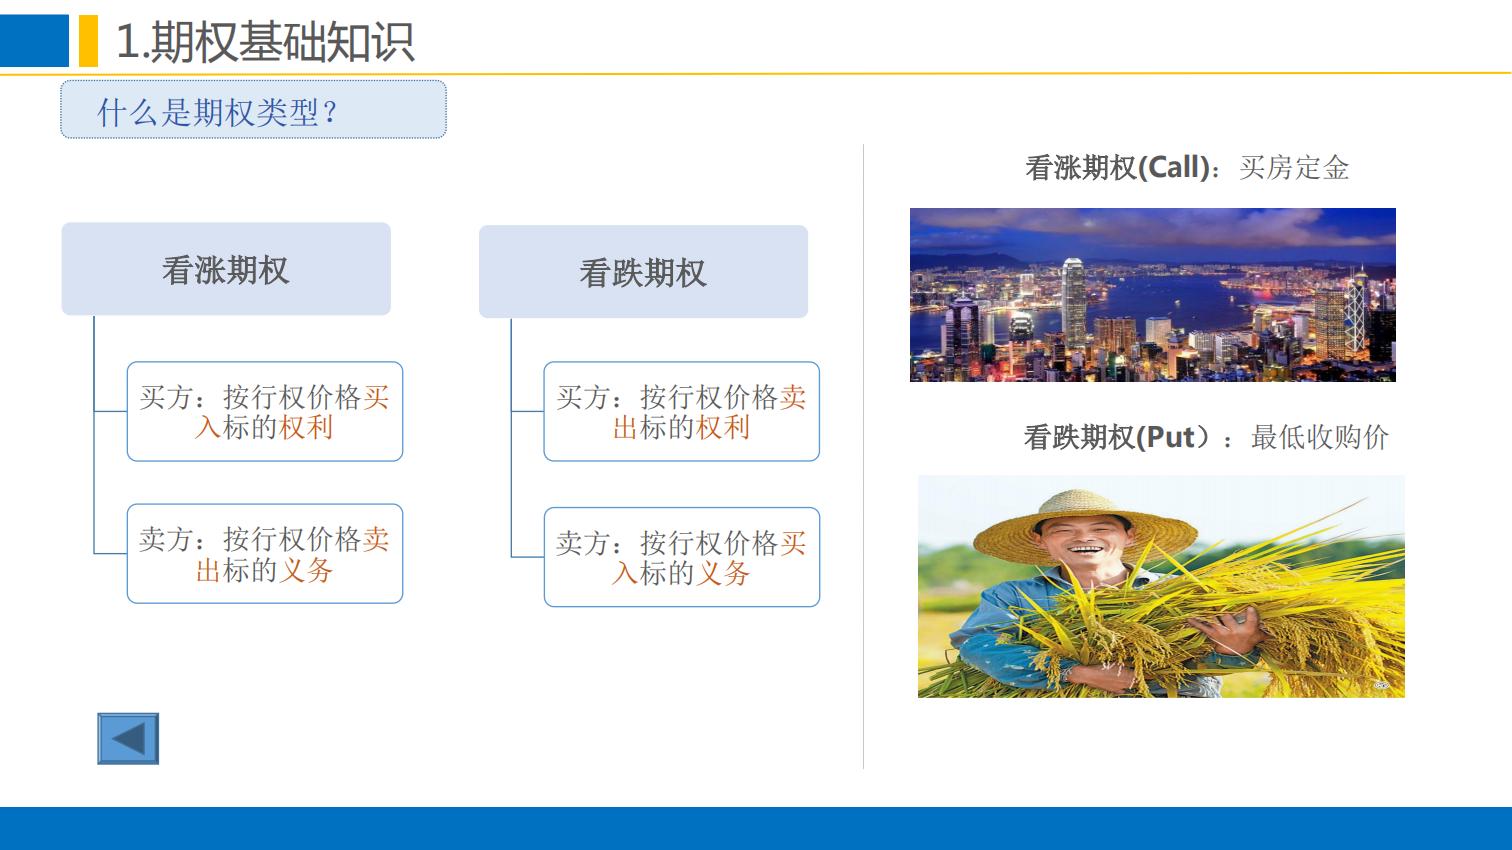 晨会:郑商所培训分享-棉花期权合约规则与上市工作安排0111.pdfx_04.png